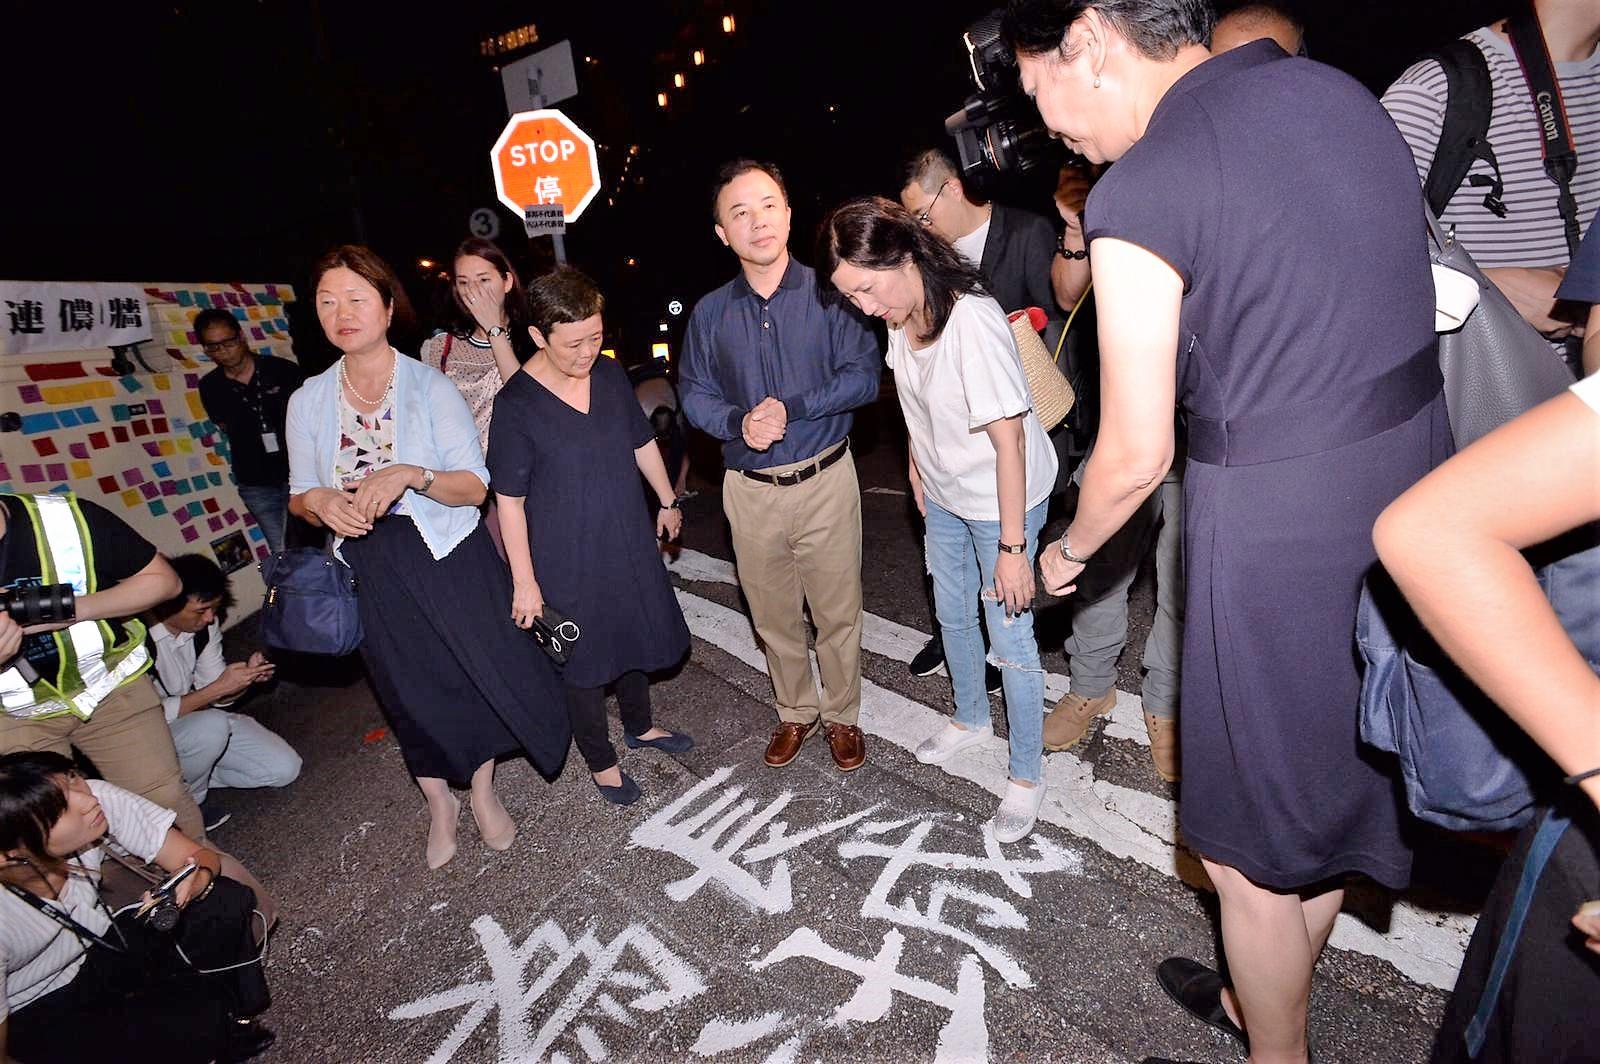 張翔邀請學生官邸,但學生要求他在大學道對話。